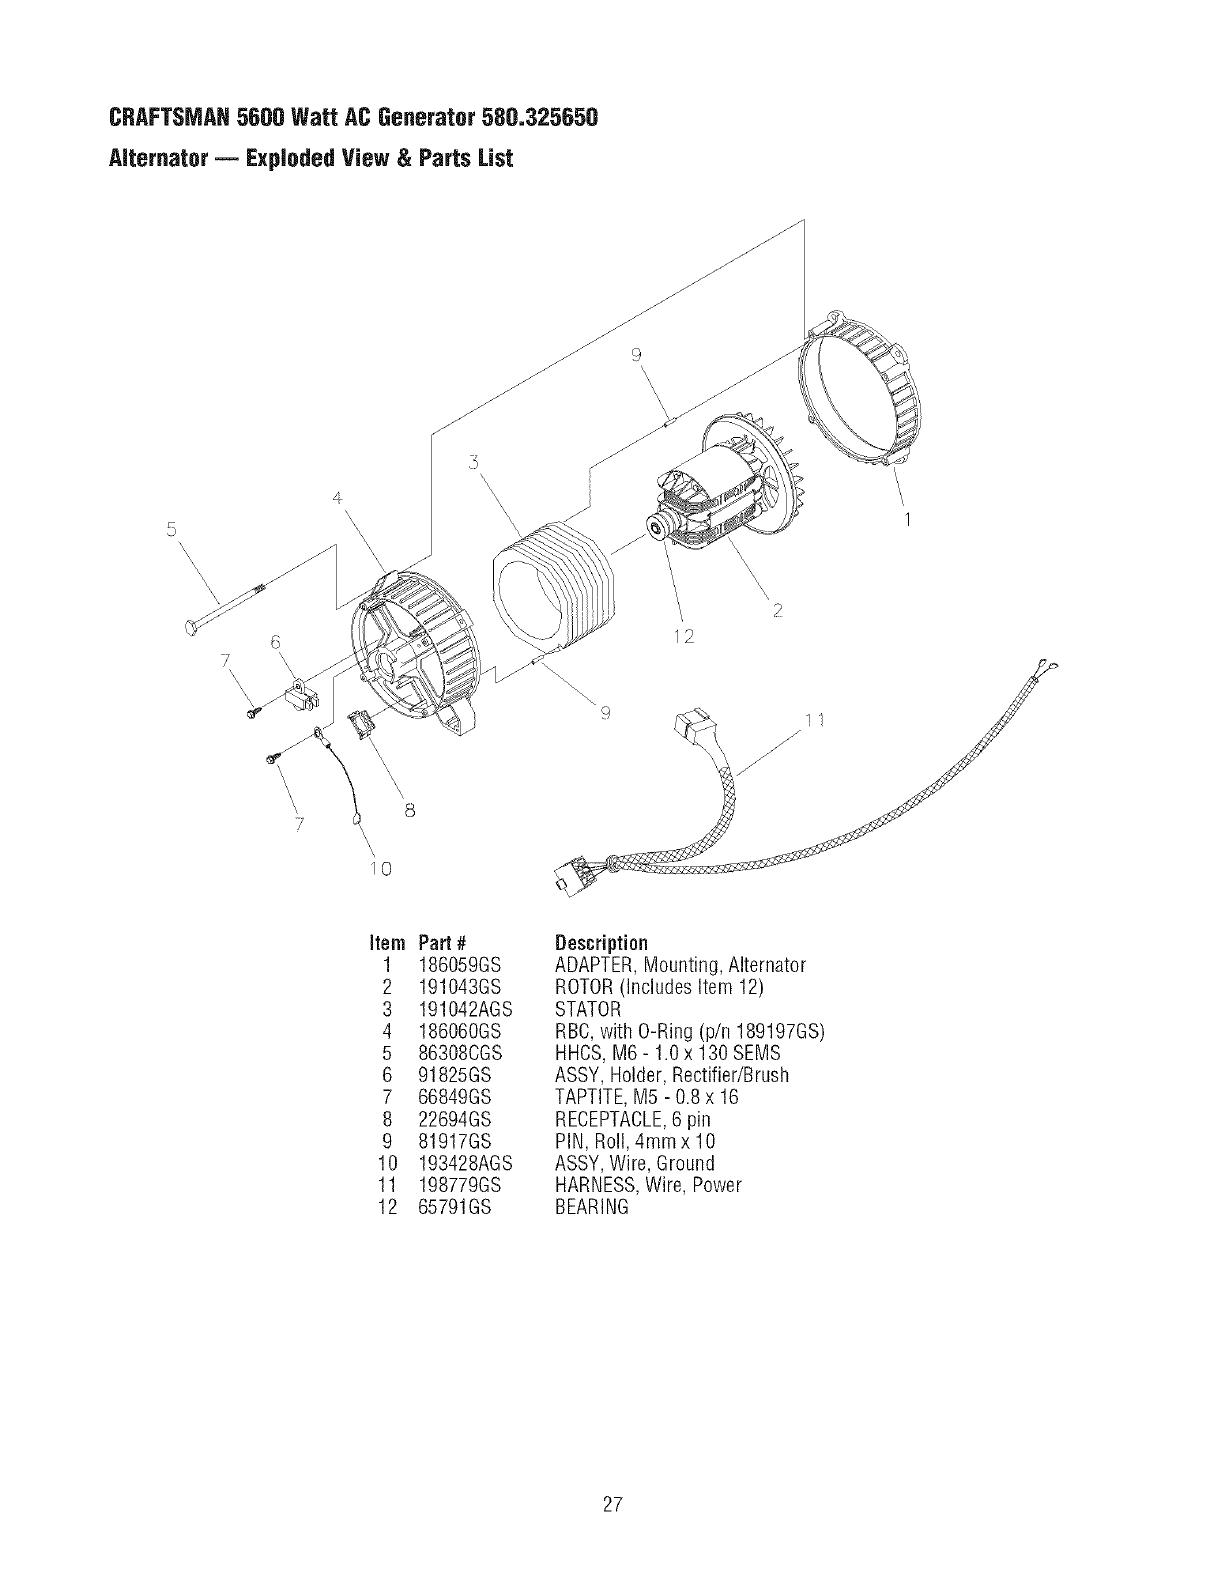 Craftsman 580325650 User Manual Ac Generator Manuals And Guides L0707200 Wire Ring Diagram Craftsmah5600 Watt